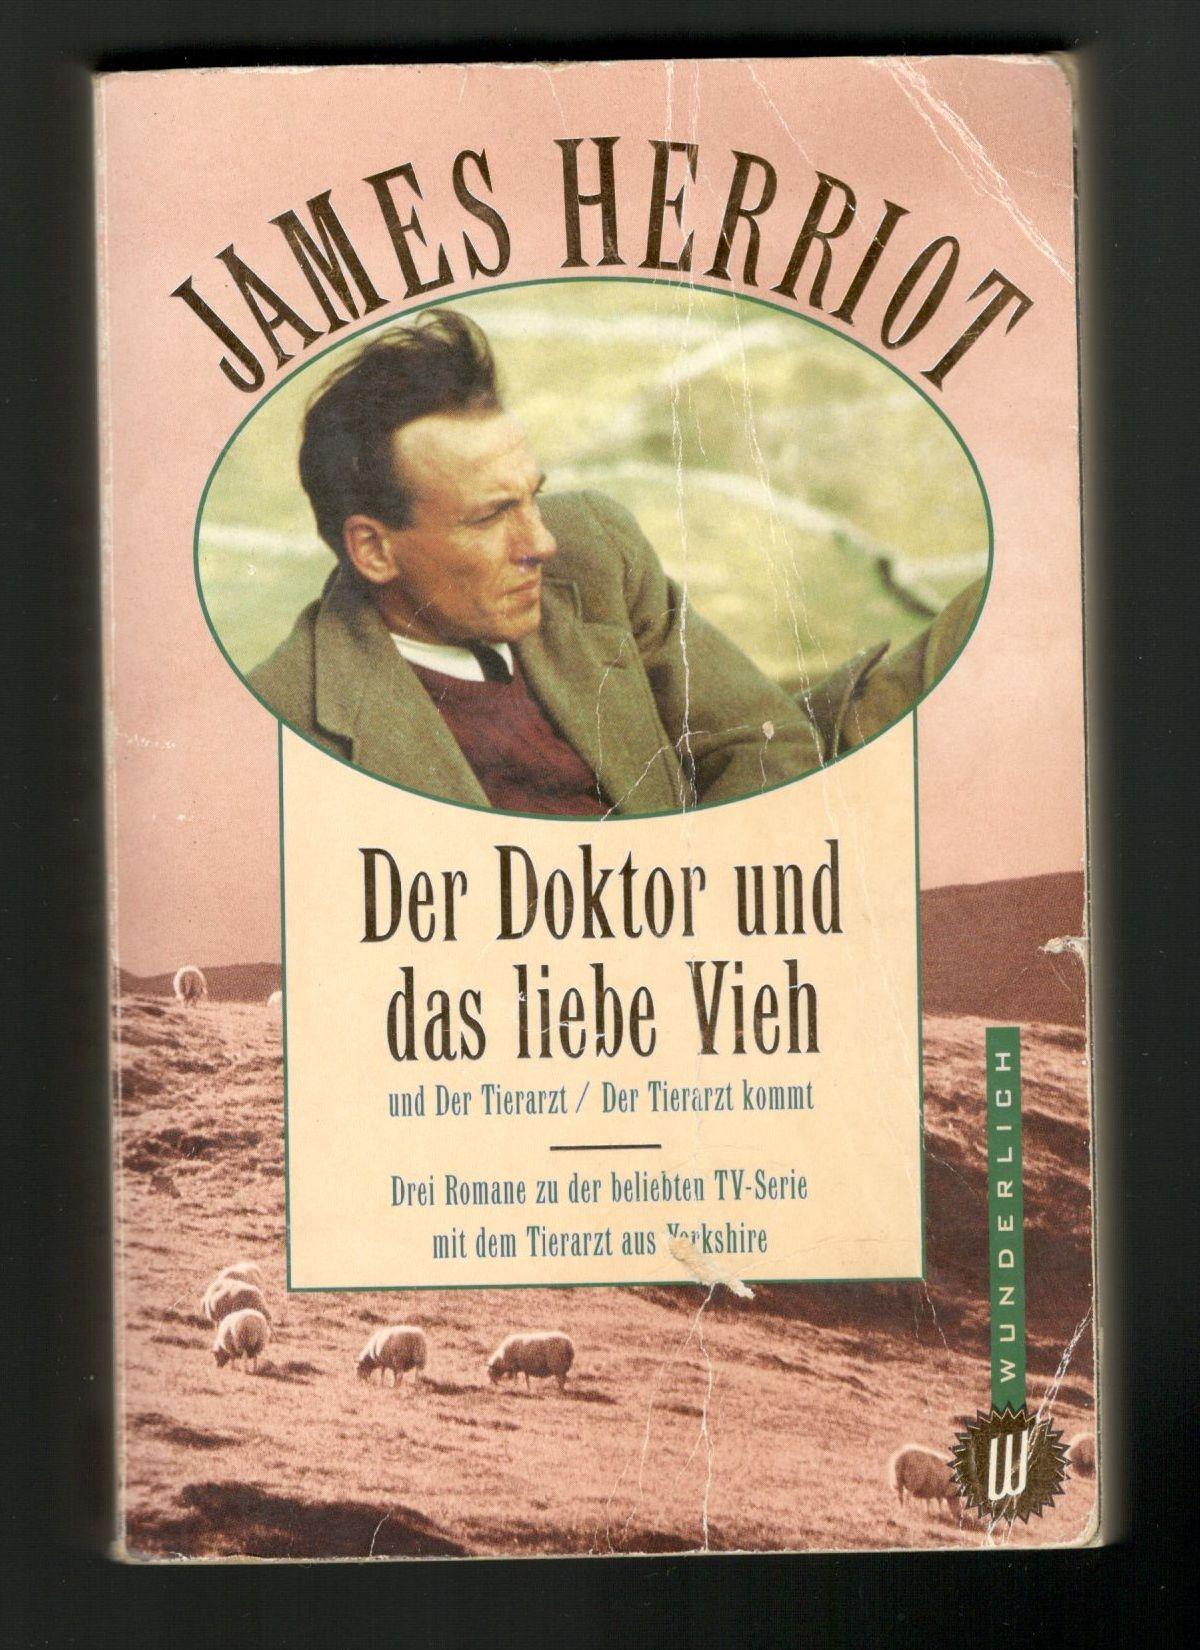 Der Doktor und das liebe Vieh - James Herriot (německy)